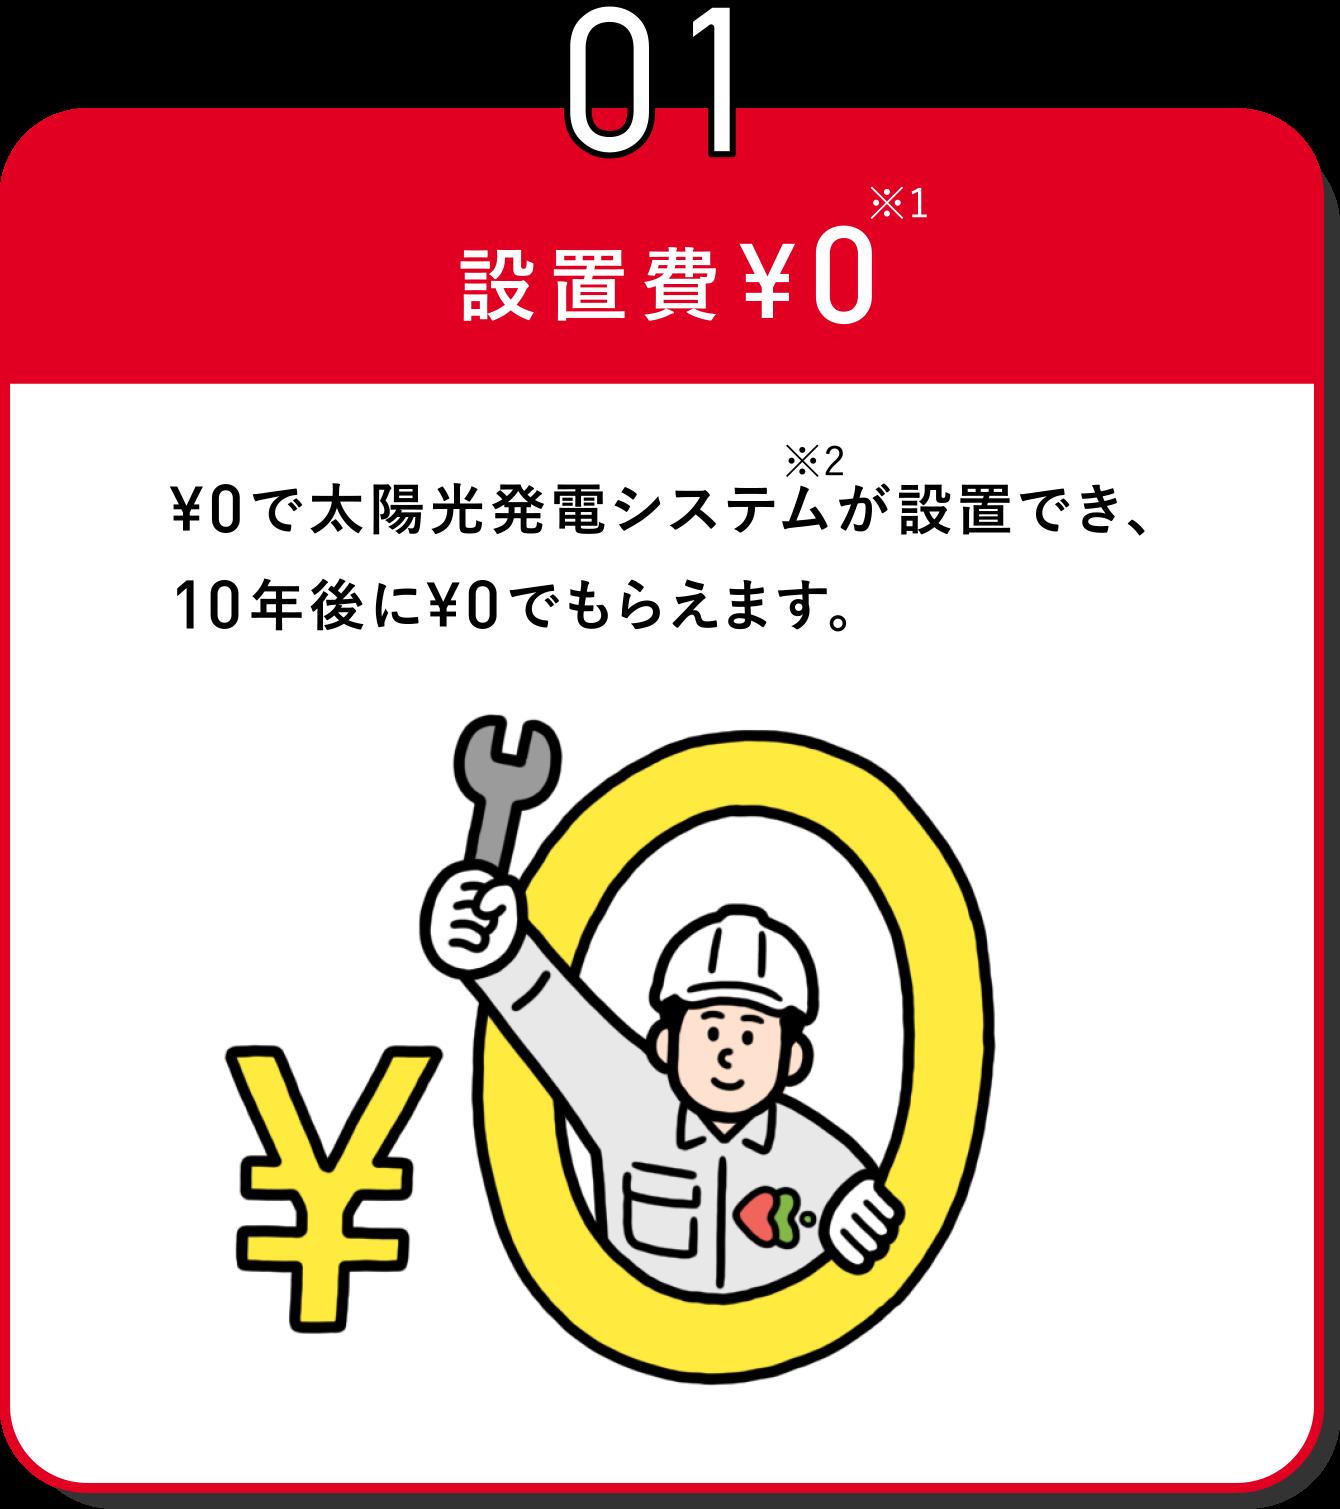 京セラ 関電 エナジー 合同 会社